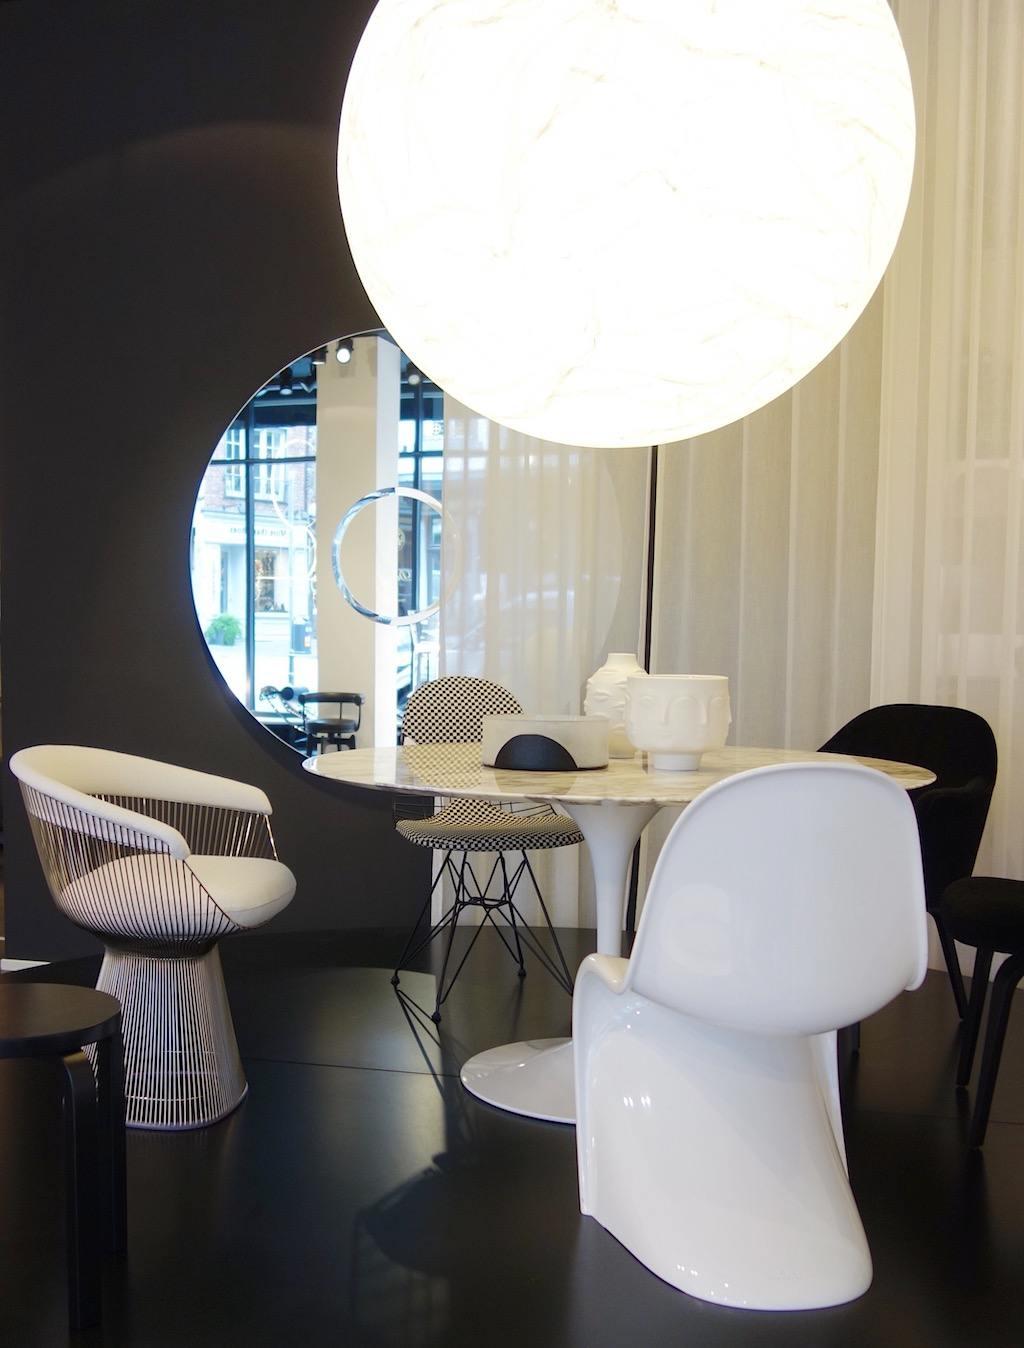 Saarinens Tulip Table mit Panton, Eames, Platner und Organic Chair in monochromen Varianten